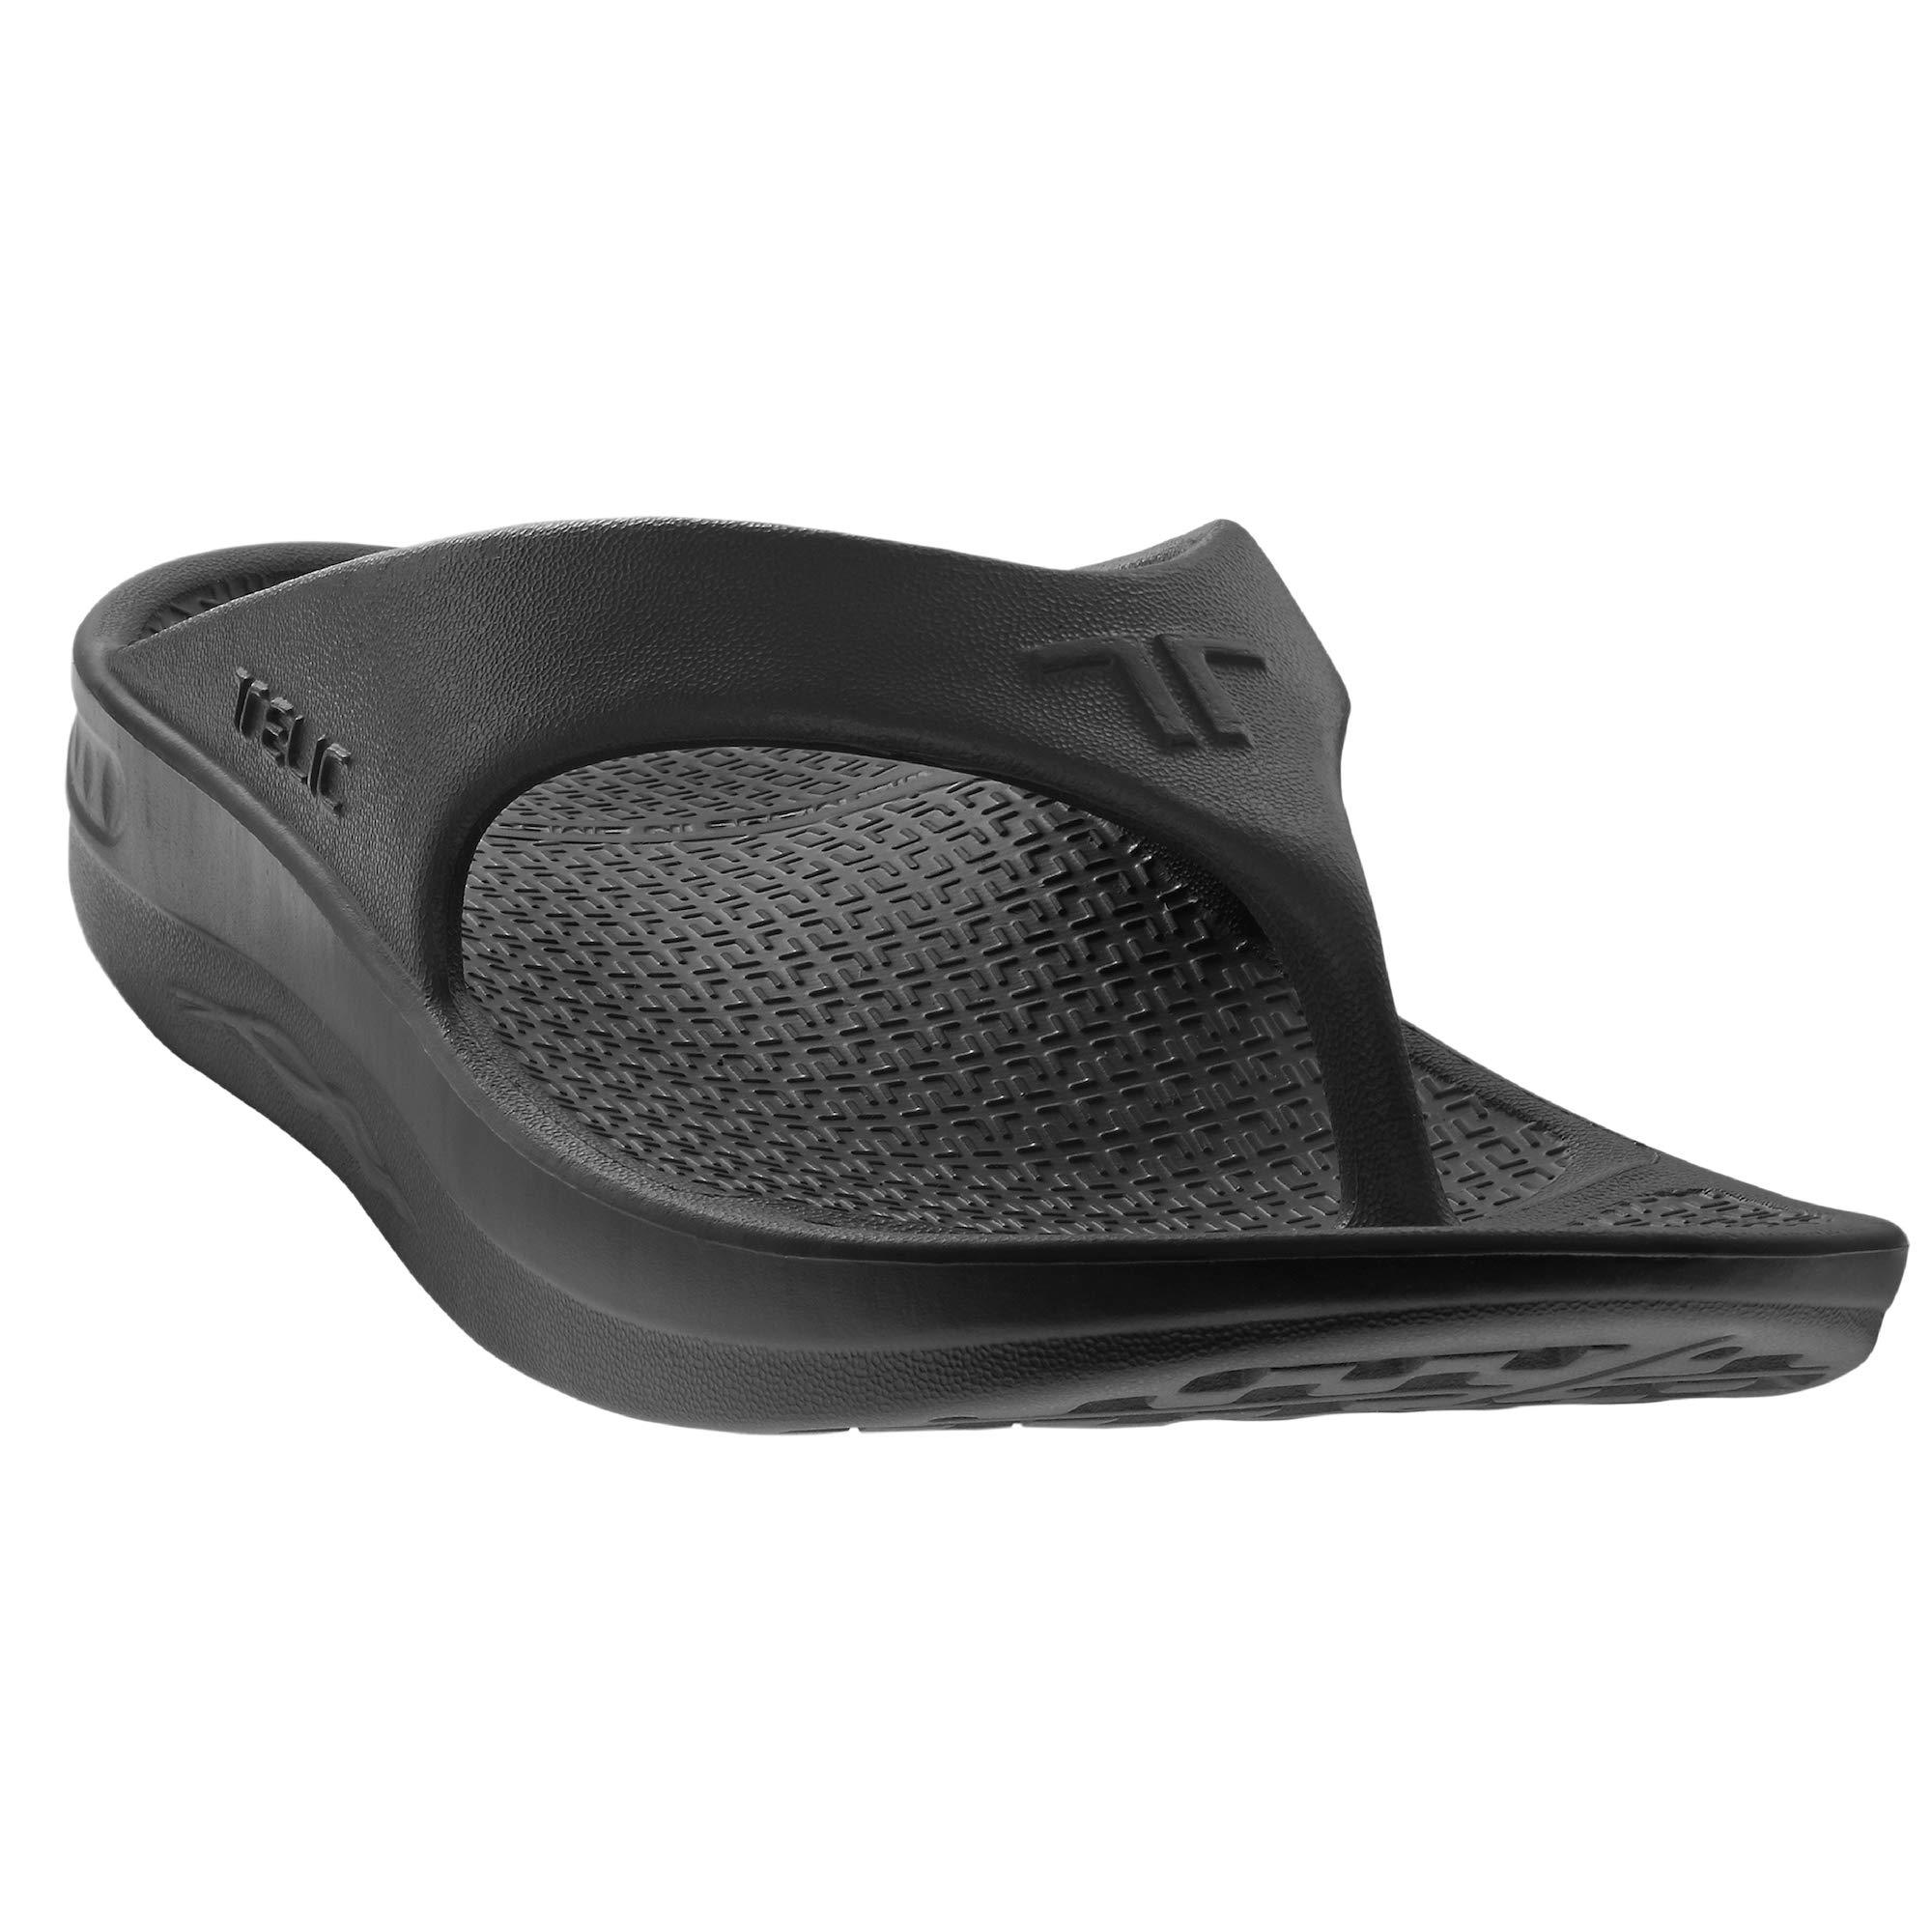 Telic Flip Flop Soft Sandal Shoe Footwear Color Midnight Black (S) by Telic